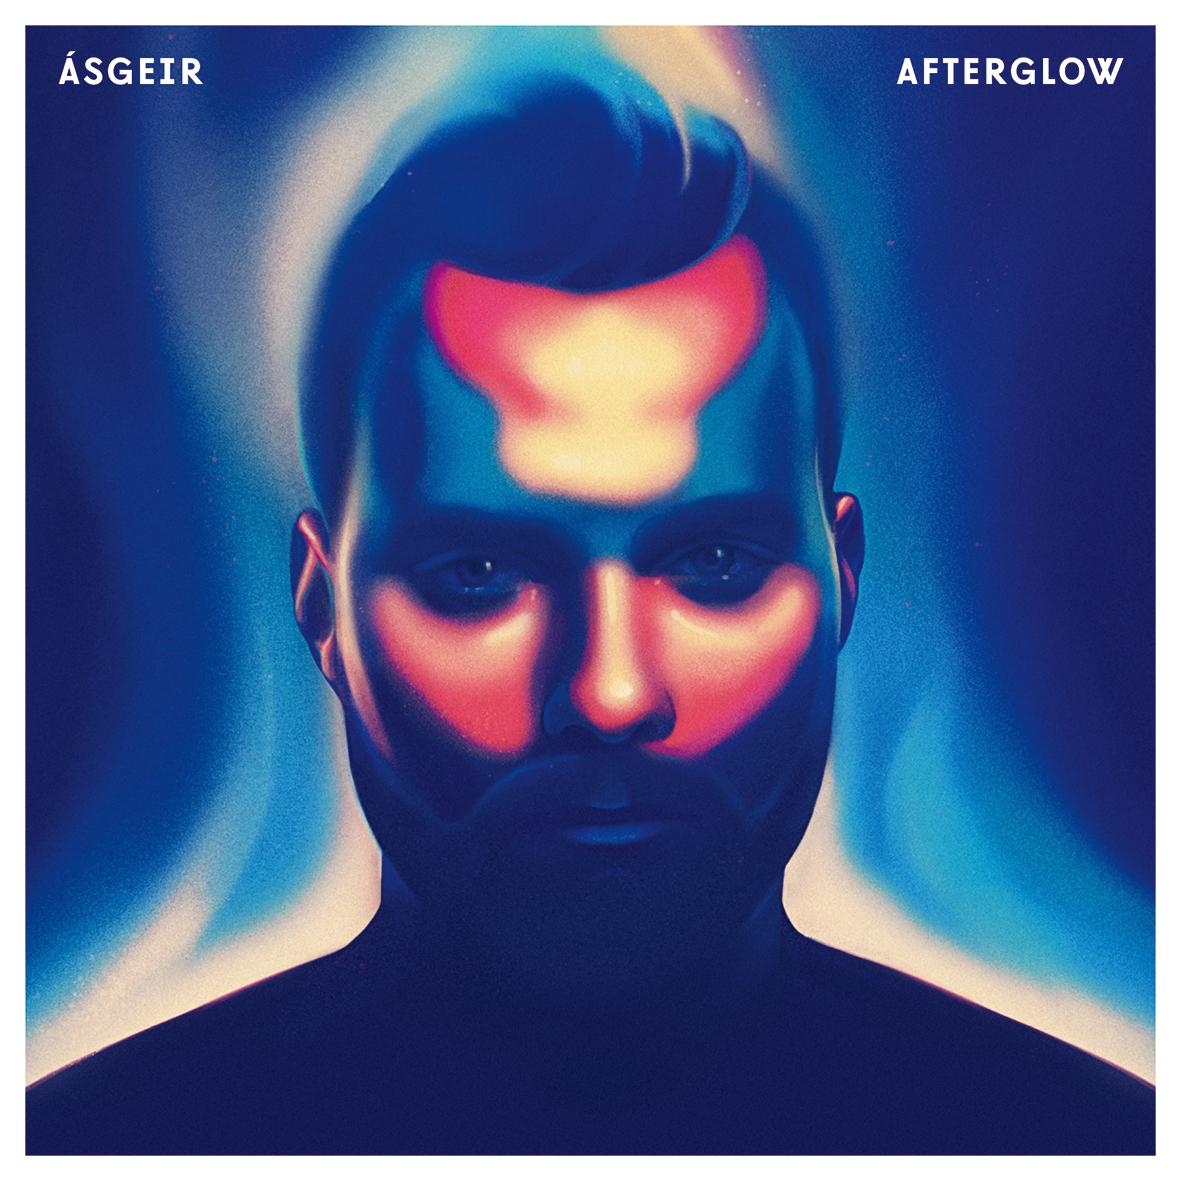 アウスゲイル『Afterglow』